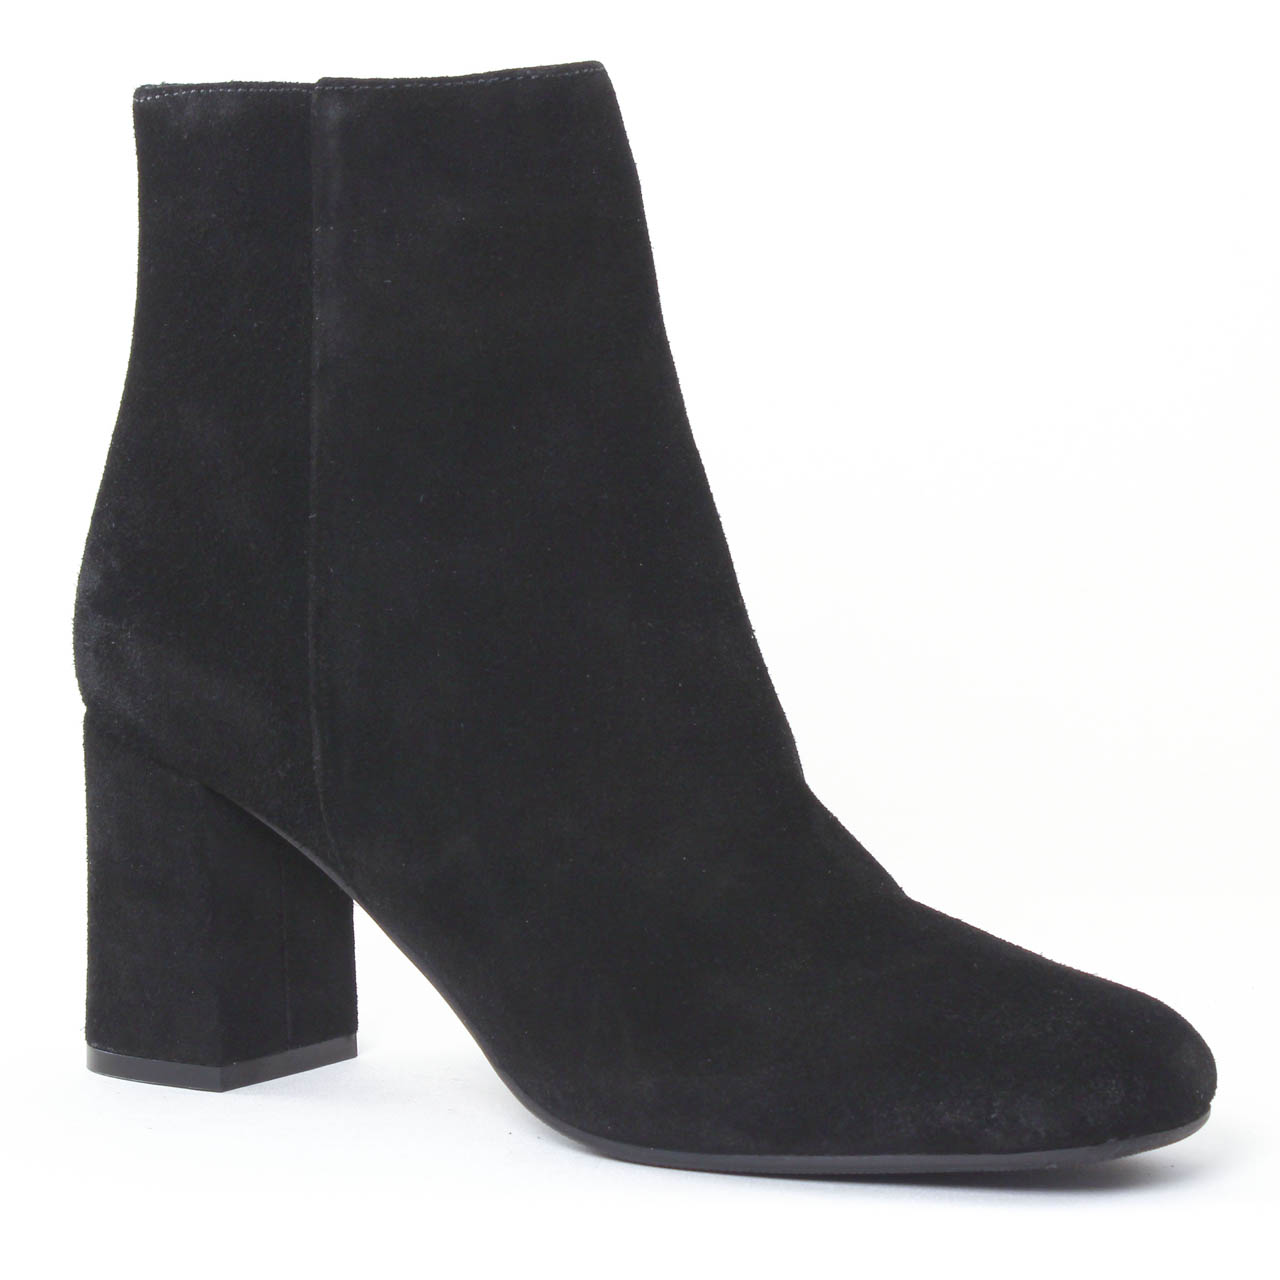 bprivate 1201 noir boot talon noir automne hiver chez. Black Bedroom Furniture Sets. Home Design Ideas